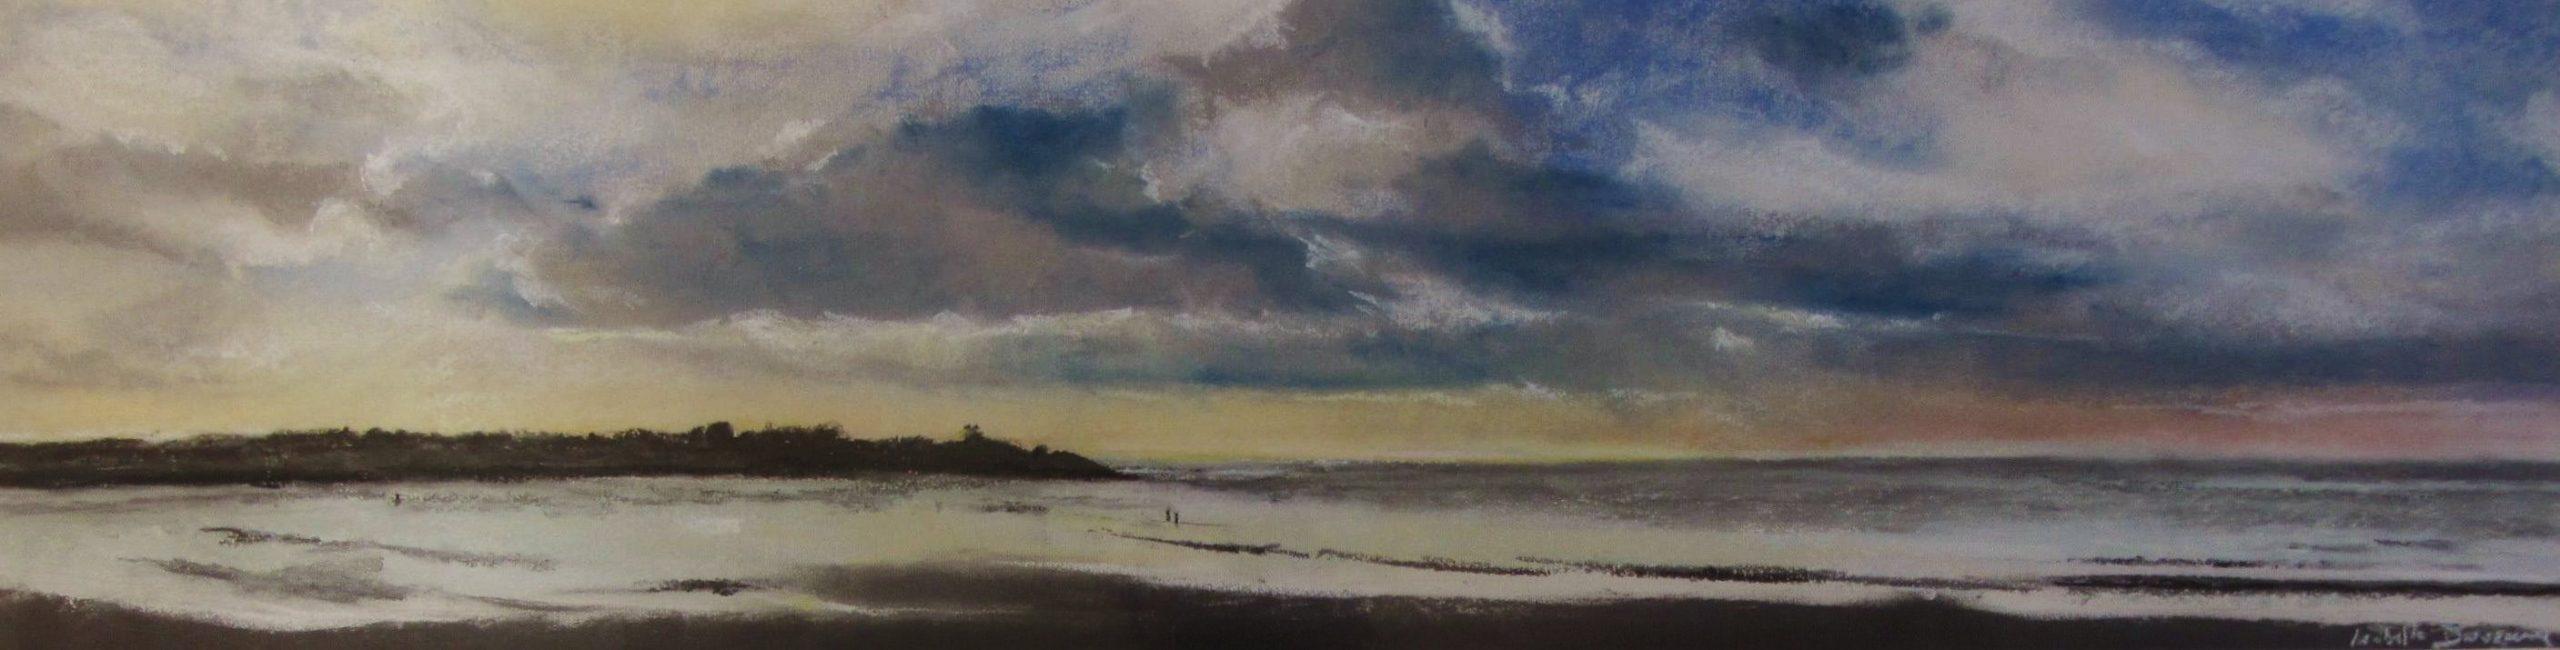 Plage de Pléneuf-Val-André - Peinture au pastel sec par l'artiste peintre Isabelle Douzamy - 36 x105 cm - (Encadré) Format panoramique - oeuvre unique